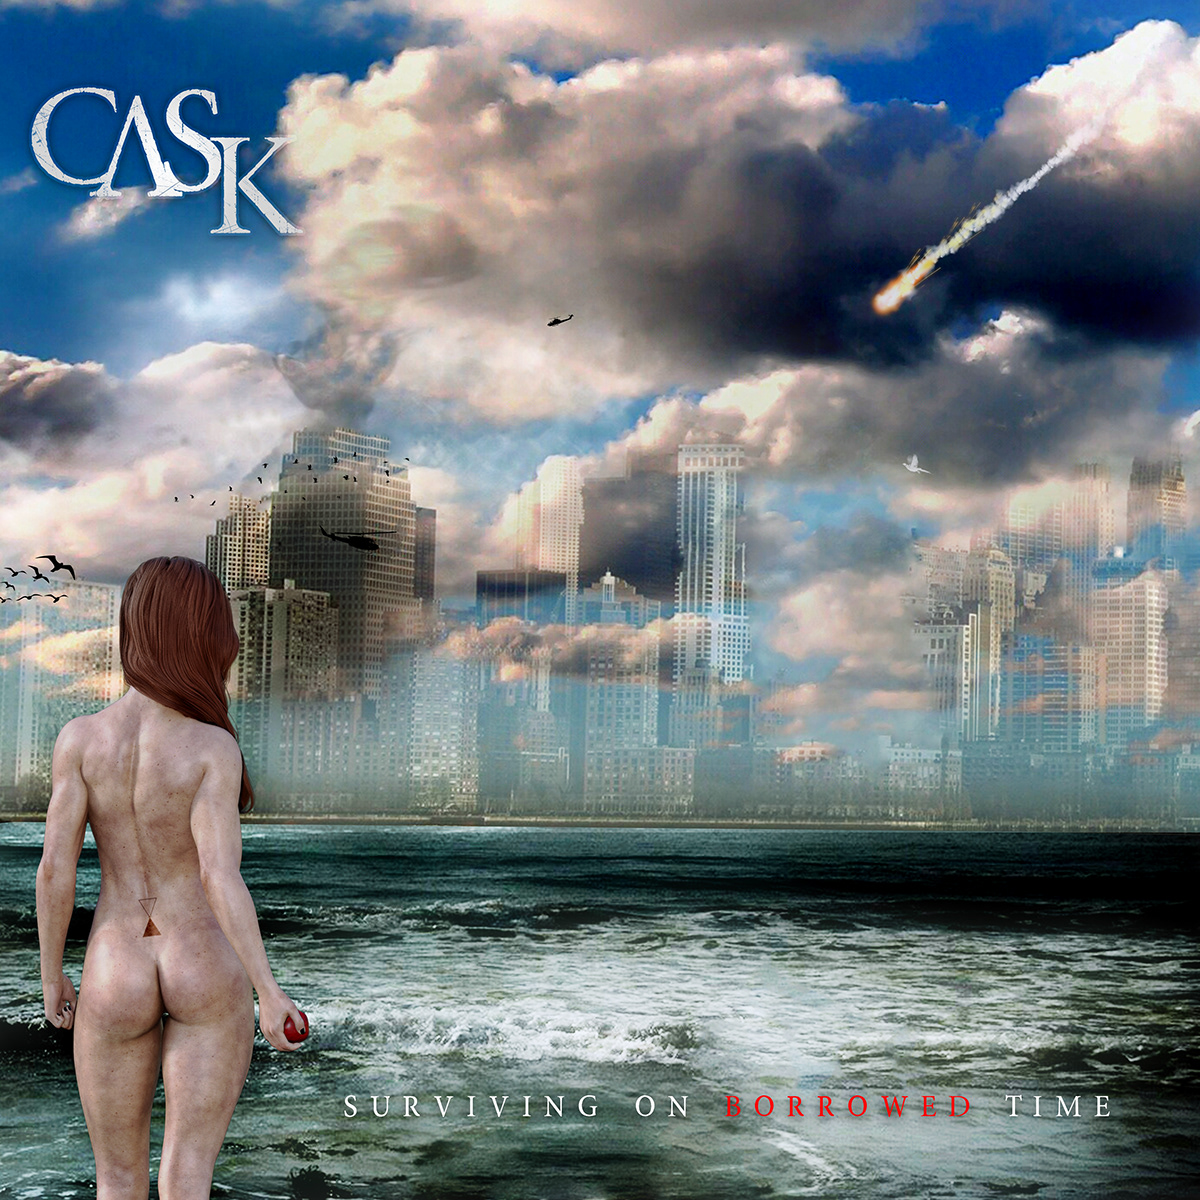 album artwork CGI music showcase